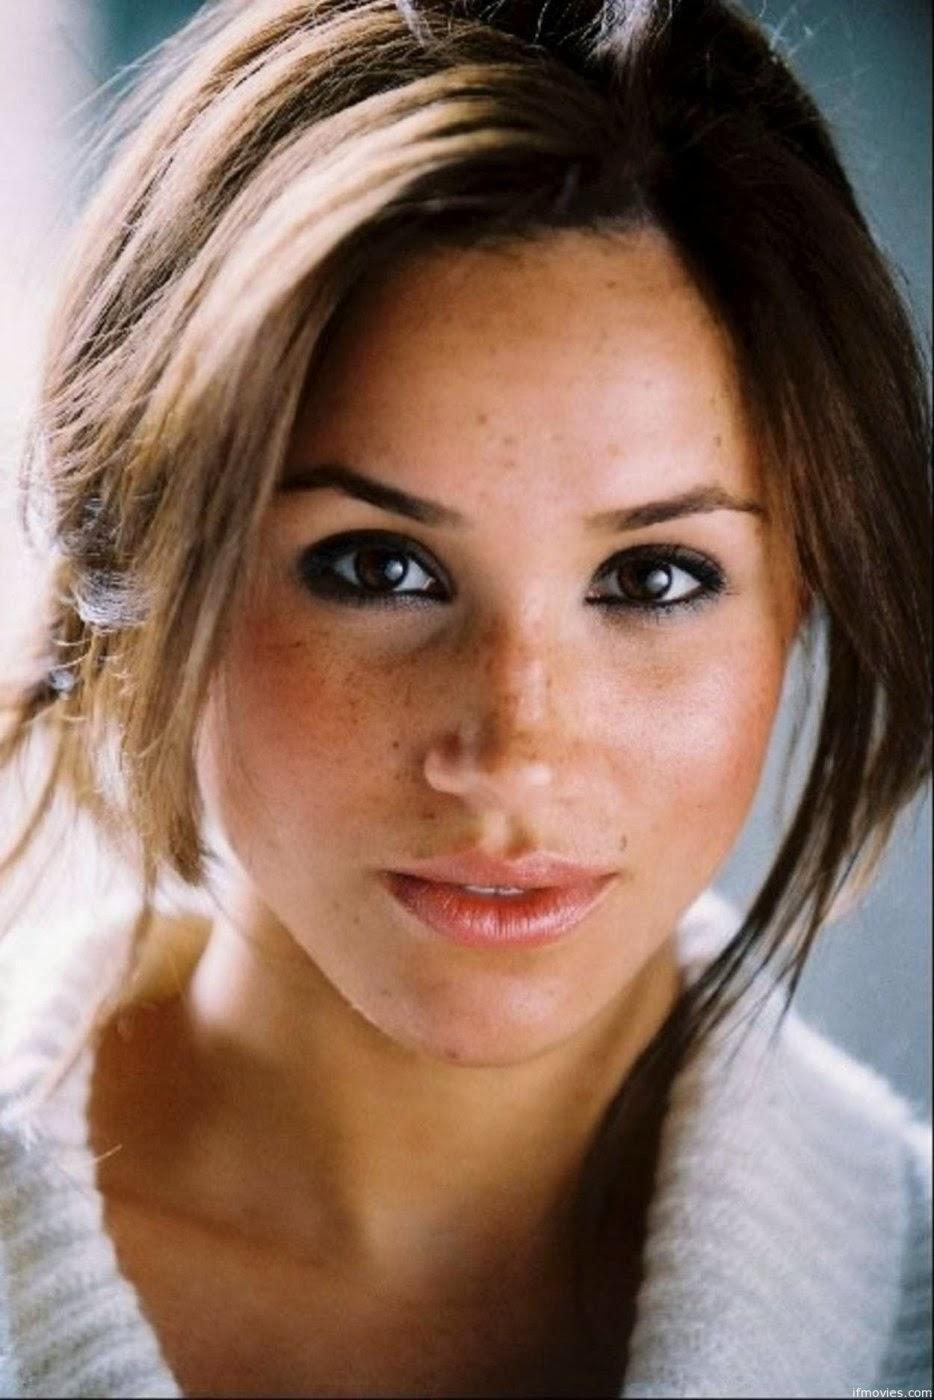 Megan Markle